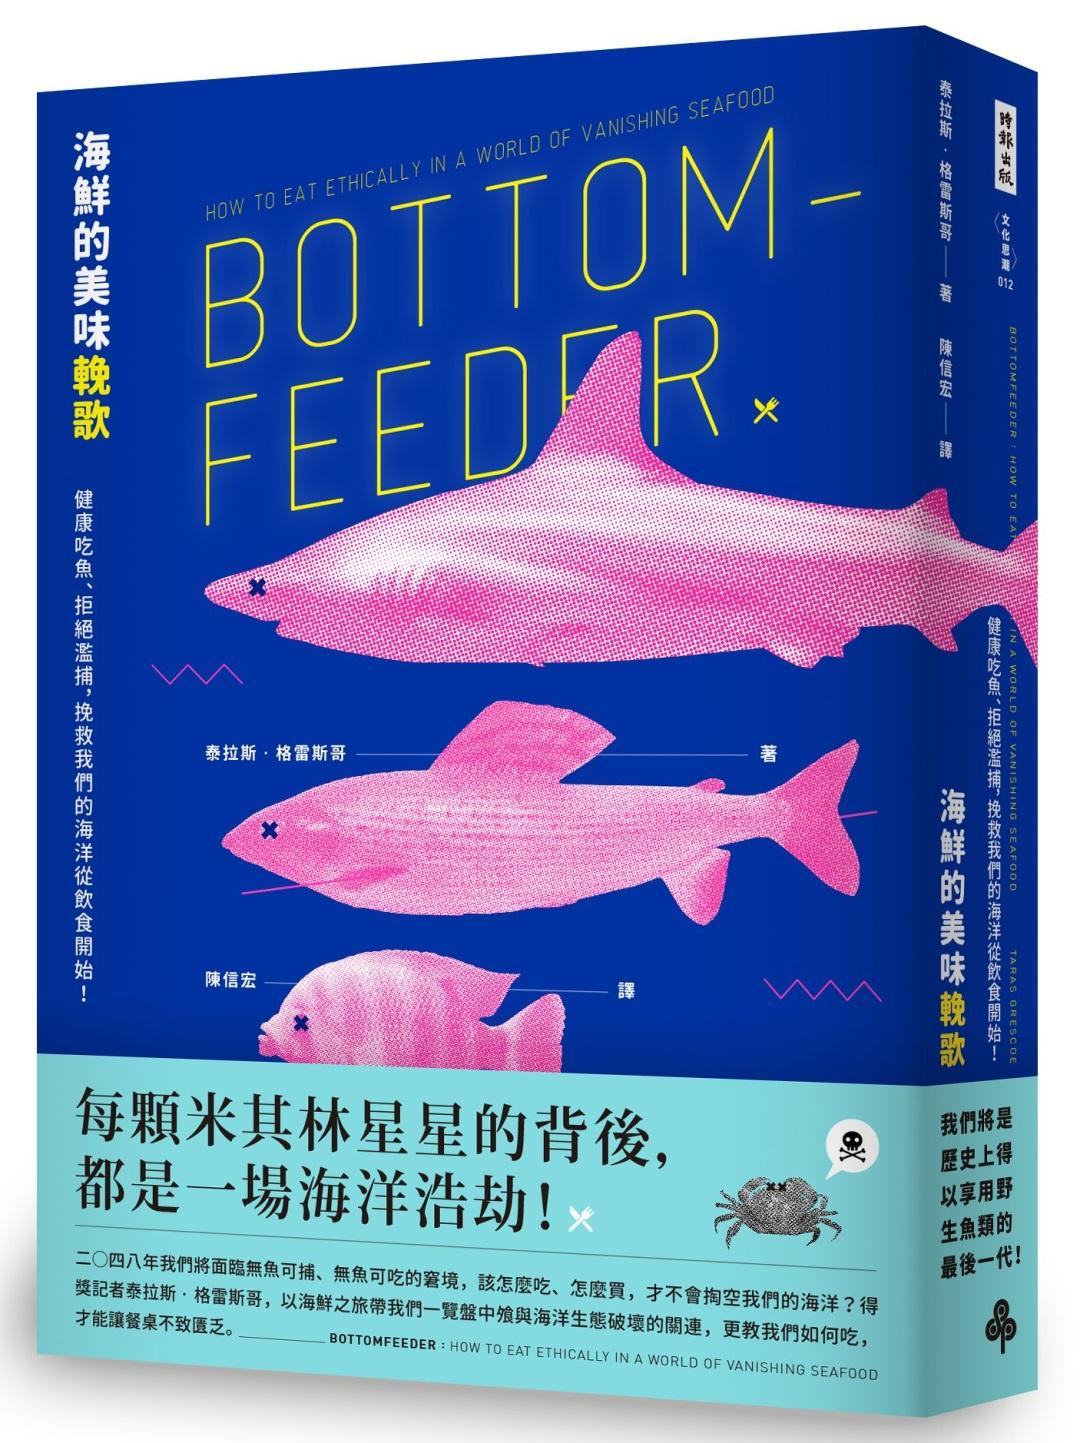 海鮮的美味輓歌:健康吃魚、拒絕...